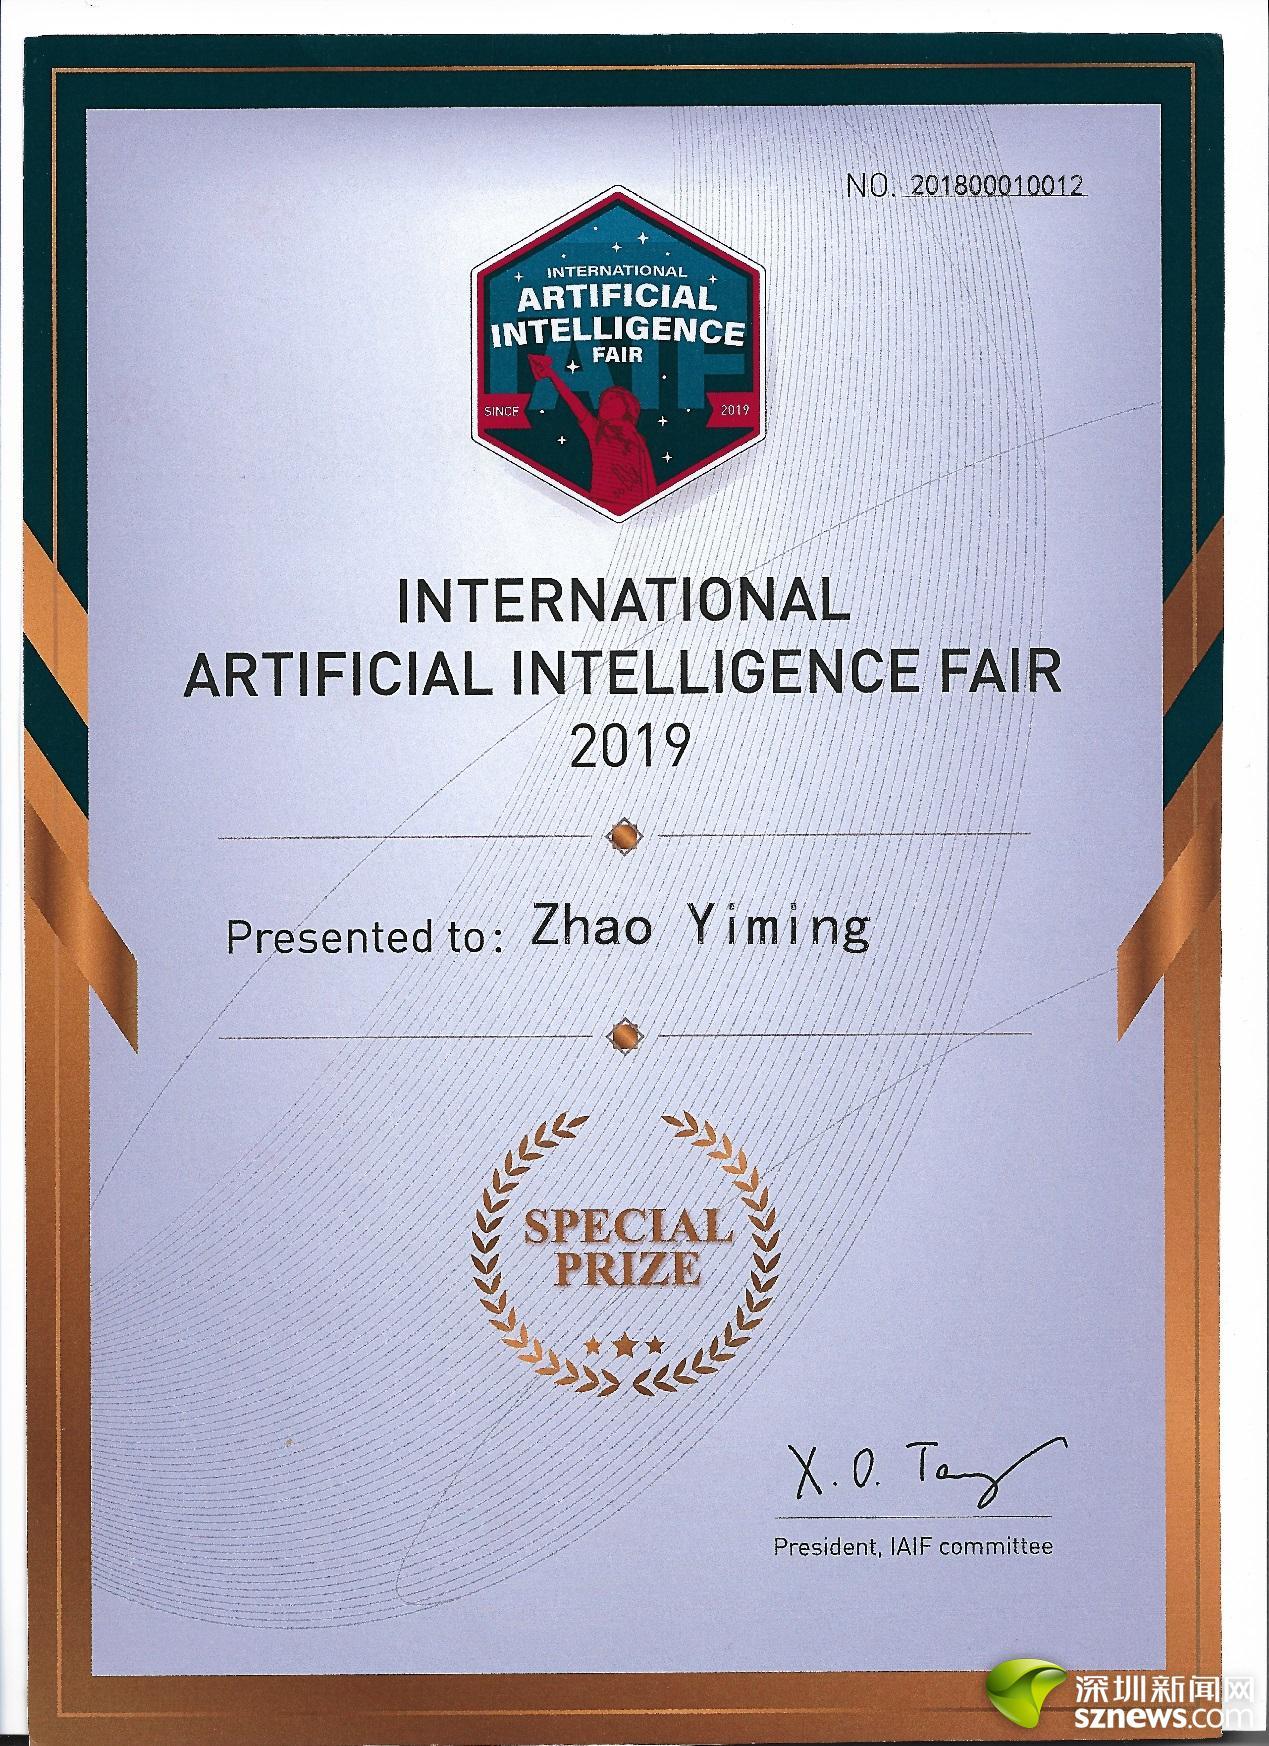 """南山区学子在""""首届国际中学生人工智能交流展示会""""获特等奖"""